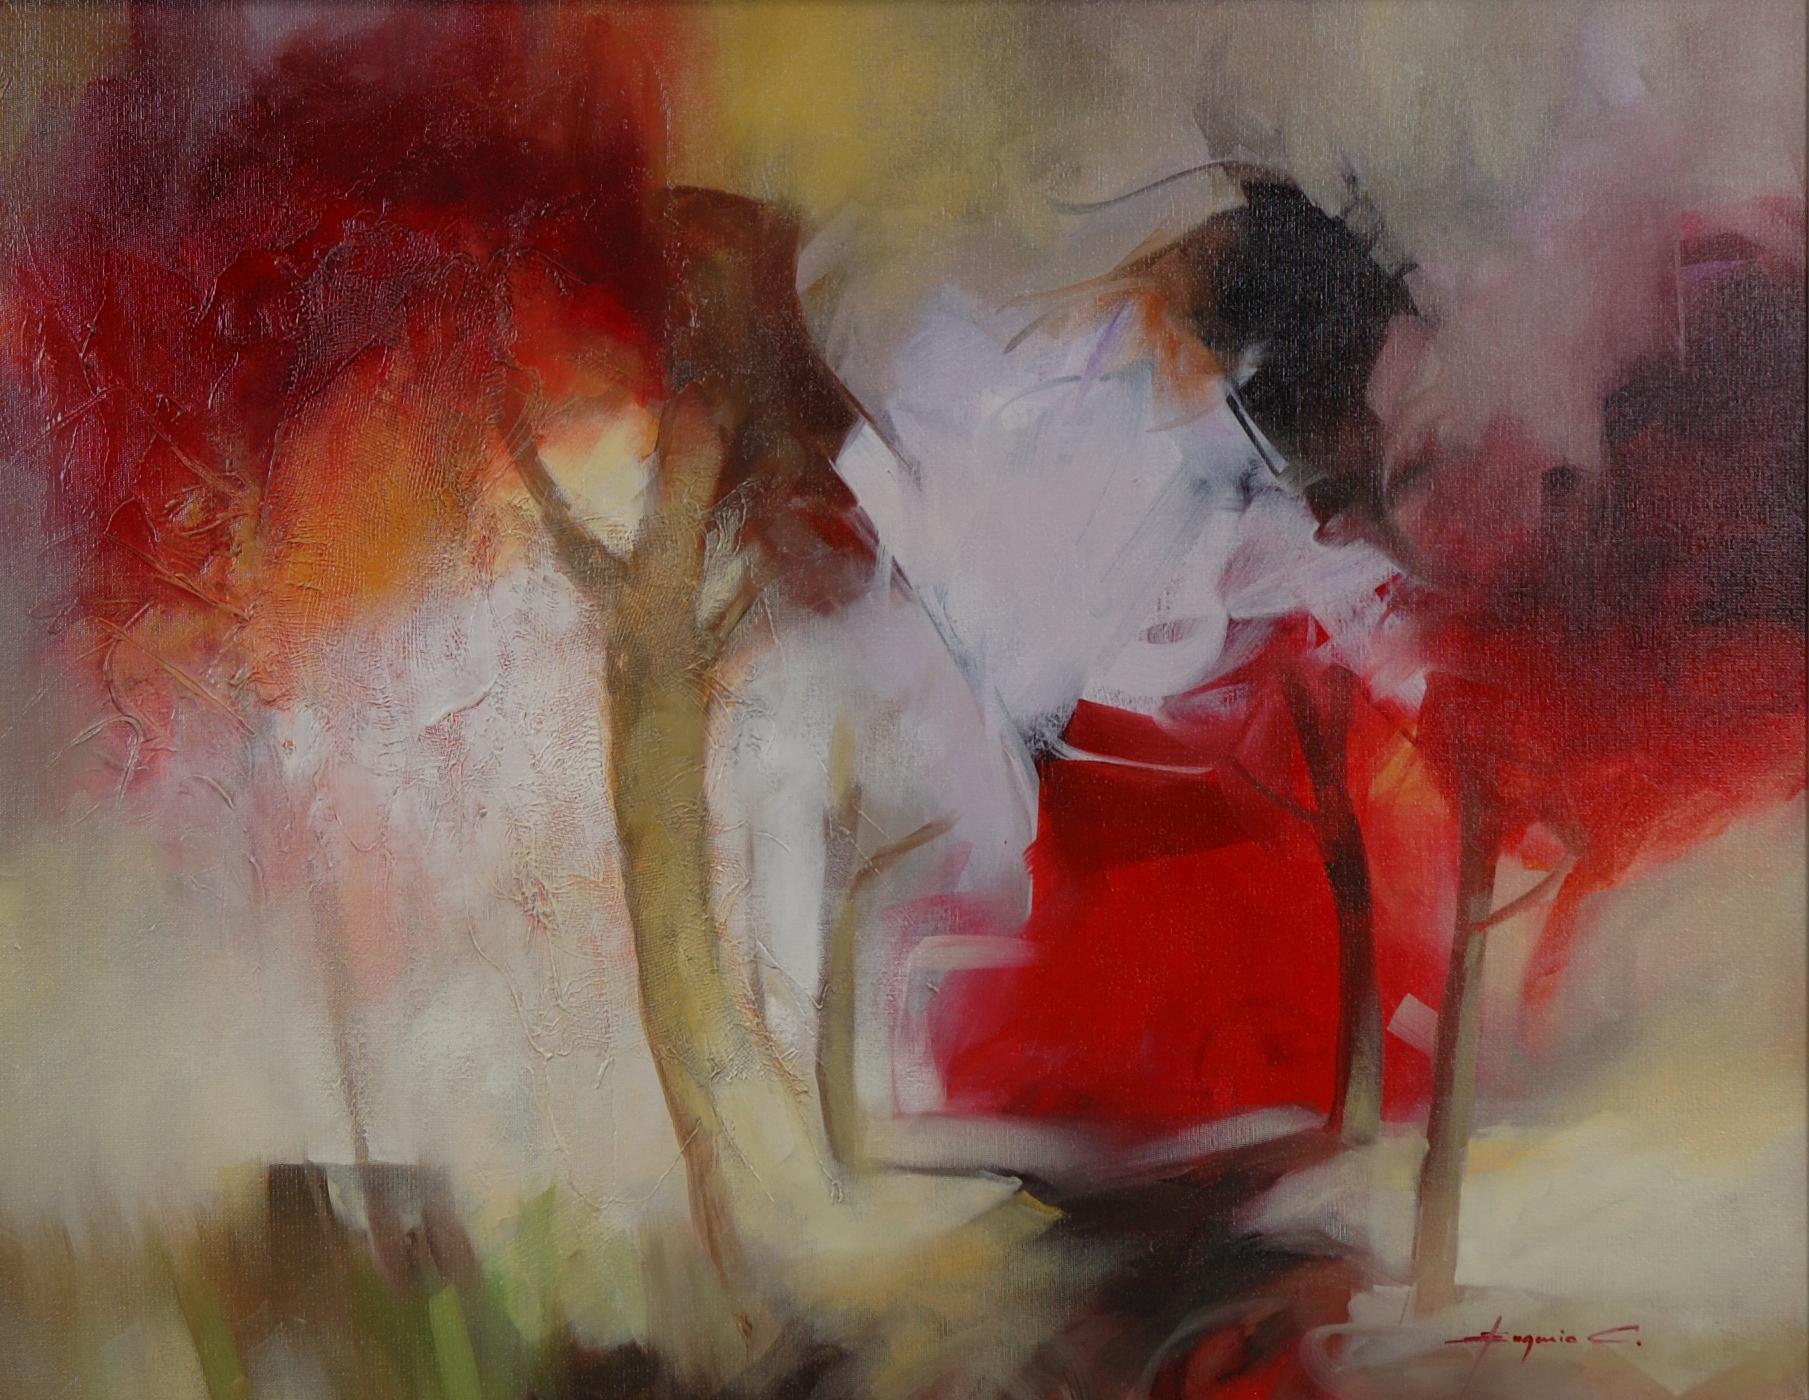 Eugenio Framed.jpg